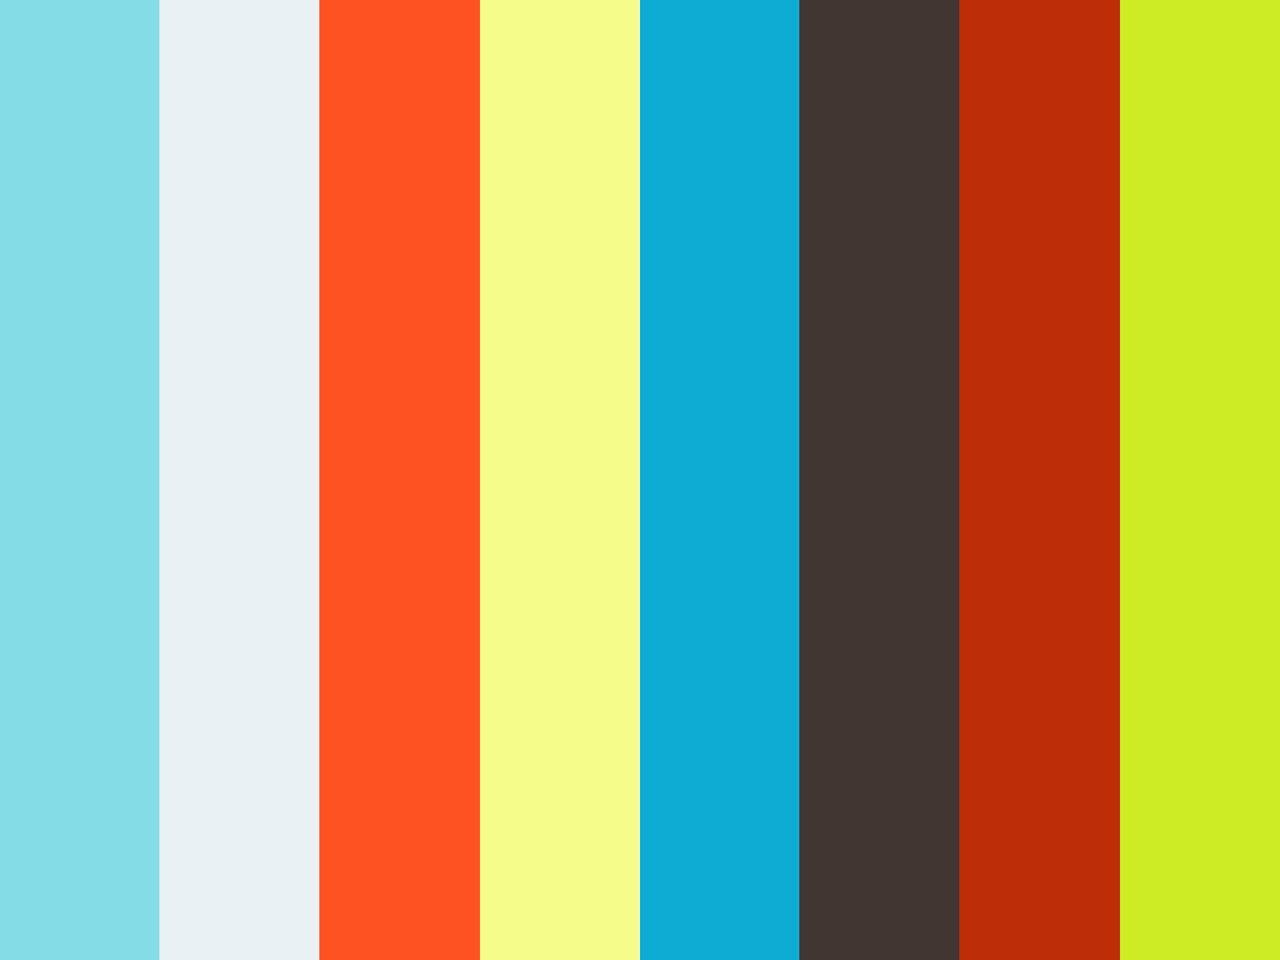 2012-scott-mckenzie 720p